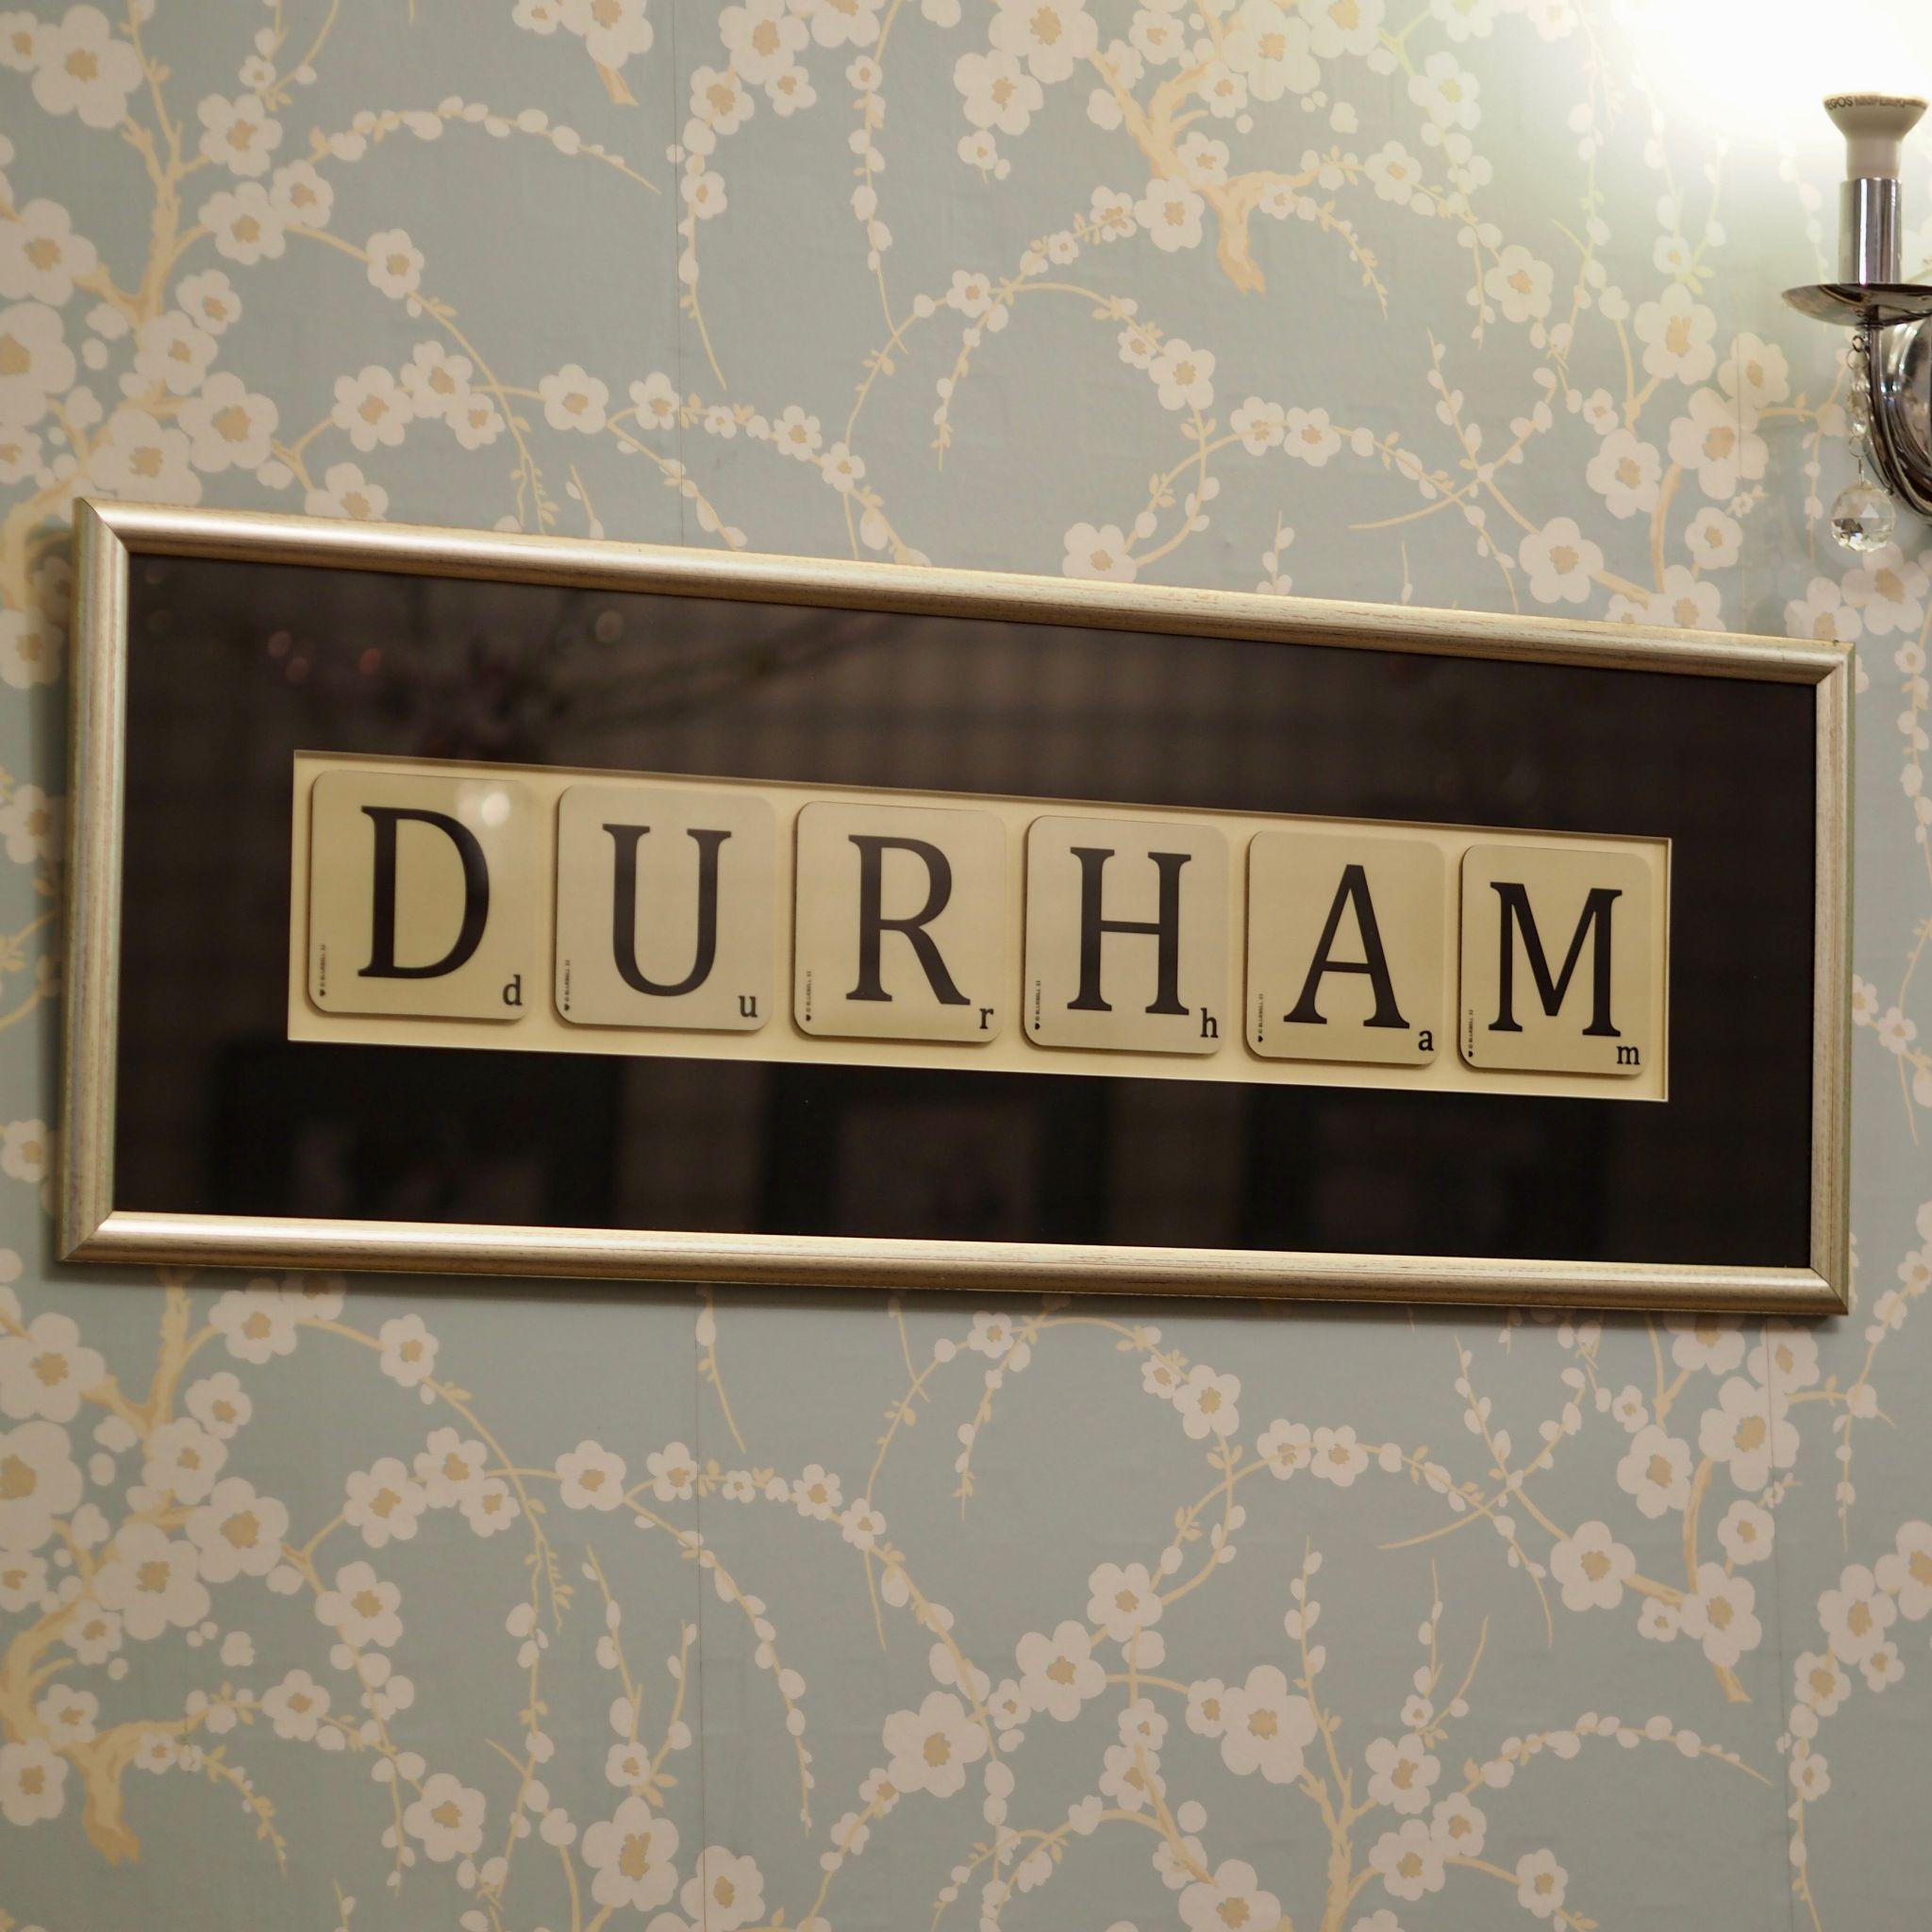 Durham: Day 1